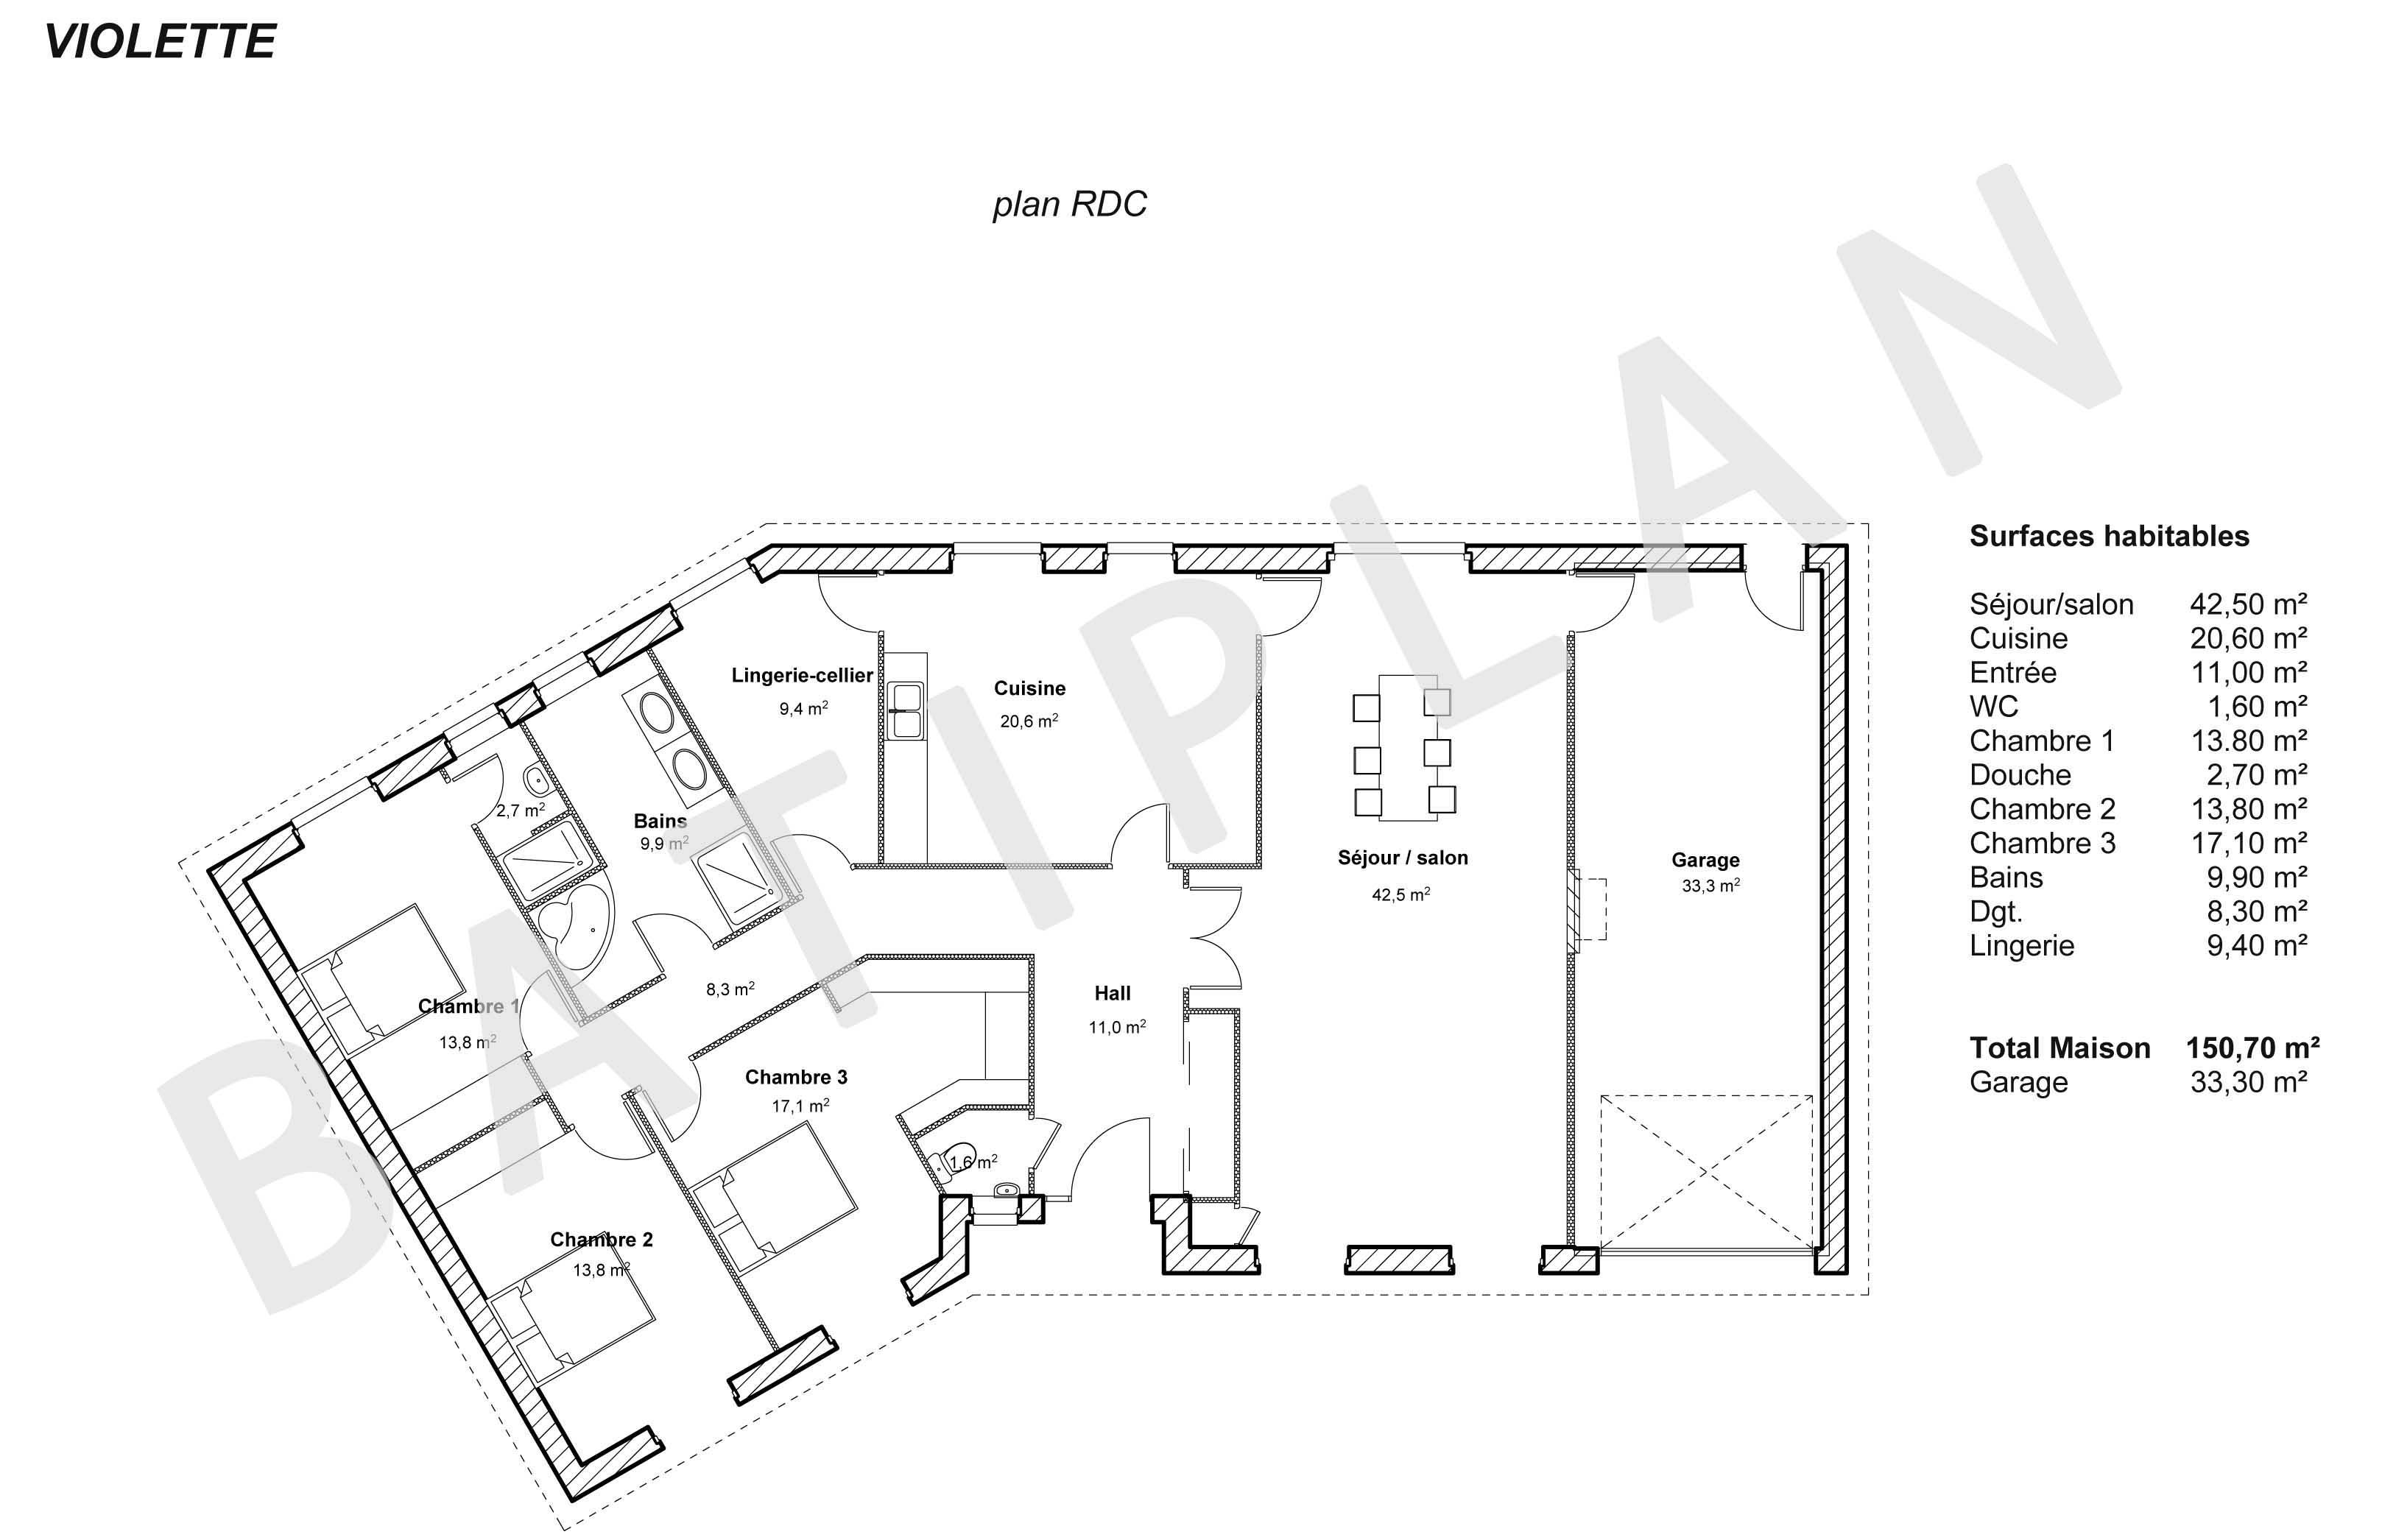 Plans et permis de construire notre plan de maison violette - Site pour plan maison ...